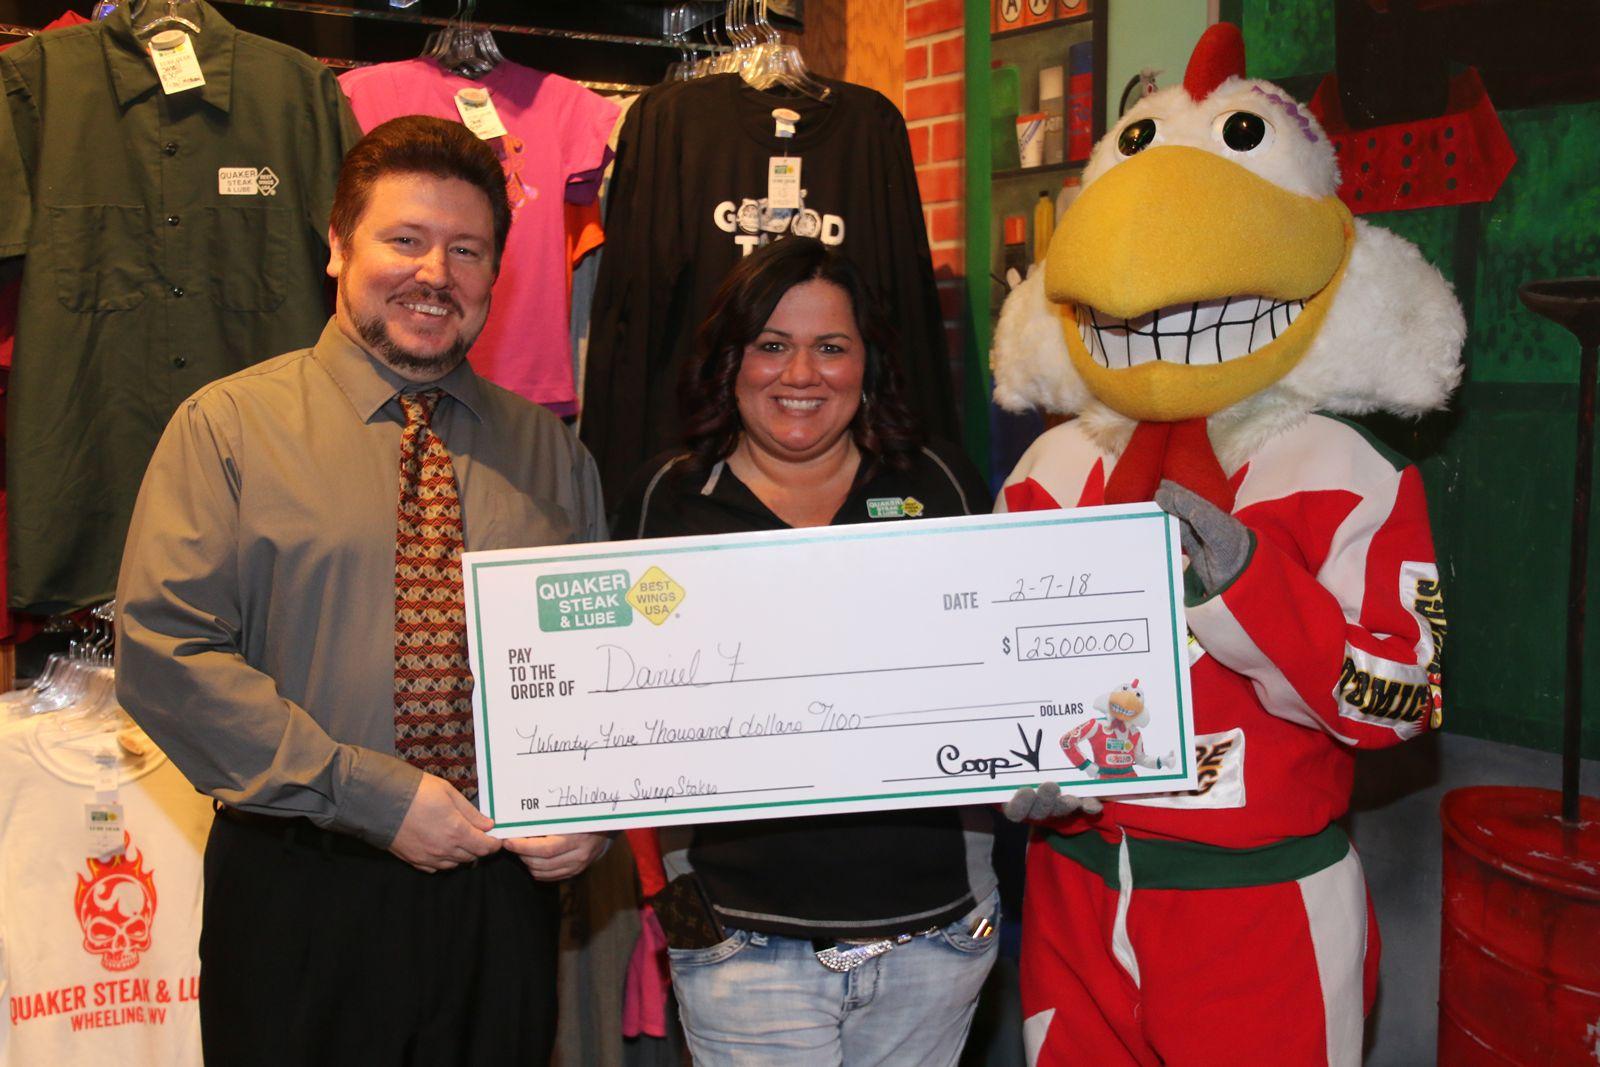 Quaker Steak & Lube Rewards $25,000 Grand Prize